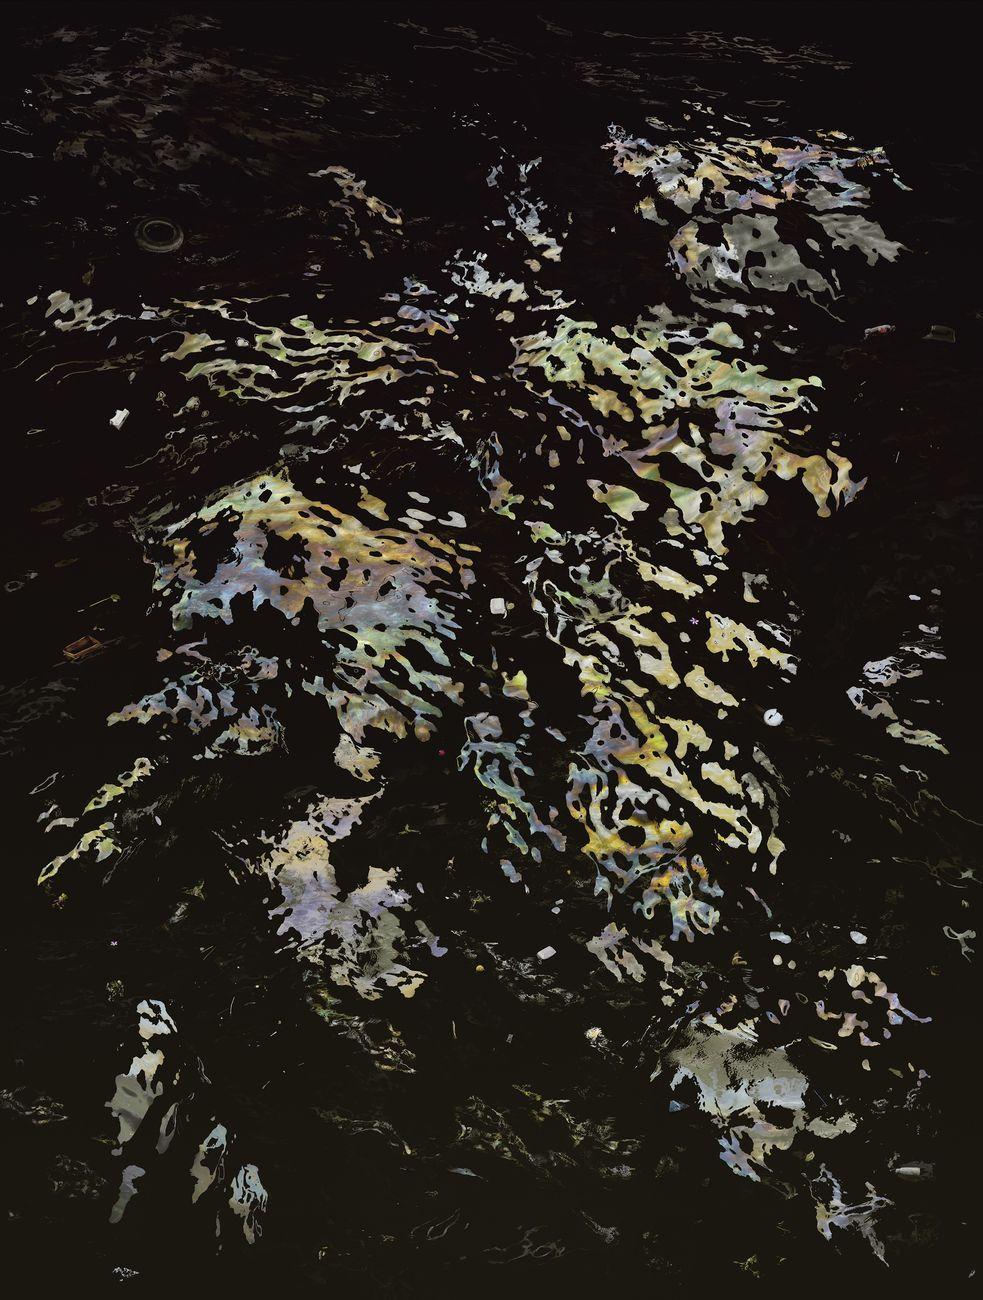 Andreas Gursky, Bangkok II, 2011, Stampa a getto d'inchiostro 307 x 237 x 6.4 cm (con cornice)